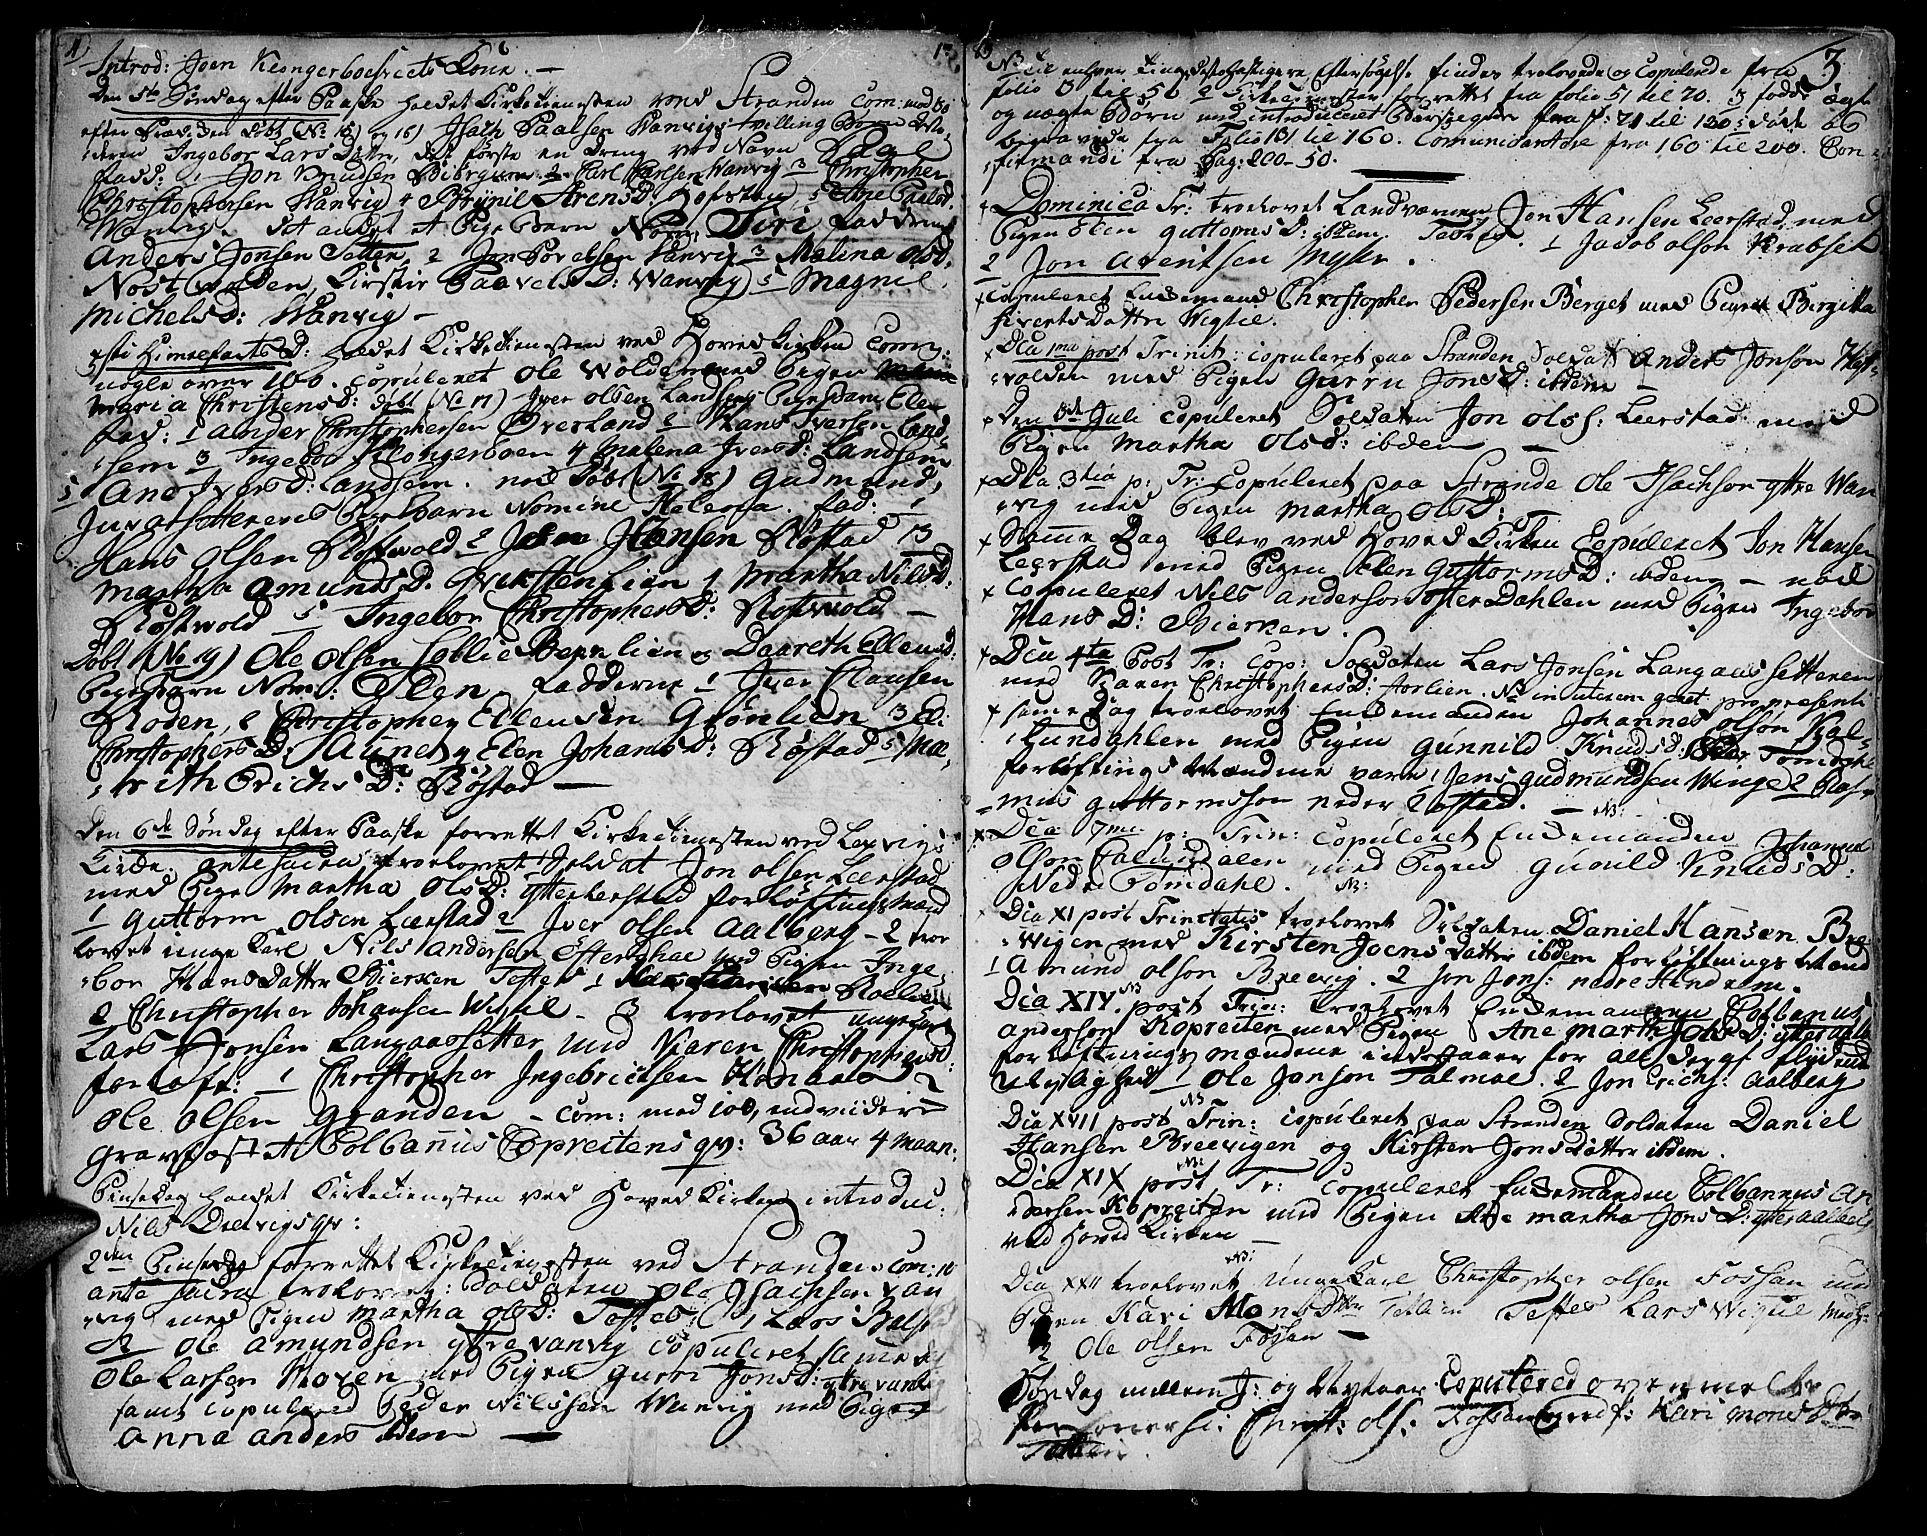 SAT, Ministerialprotokoller, klokkerbøker og fødselsregistre - Nord-Trøndelag, 701/L0004: Parish register (official) no. 701A04, 1783-1816, p. 3